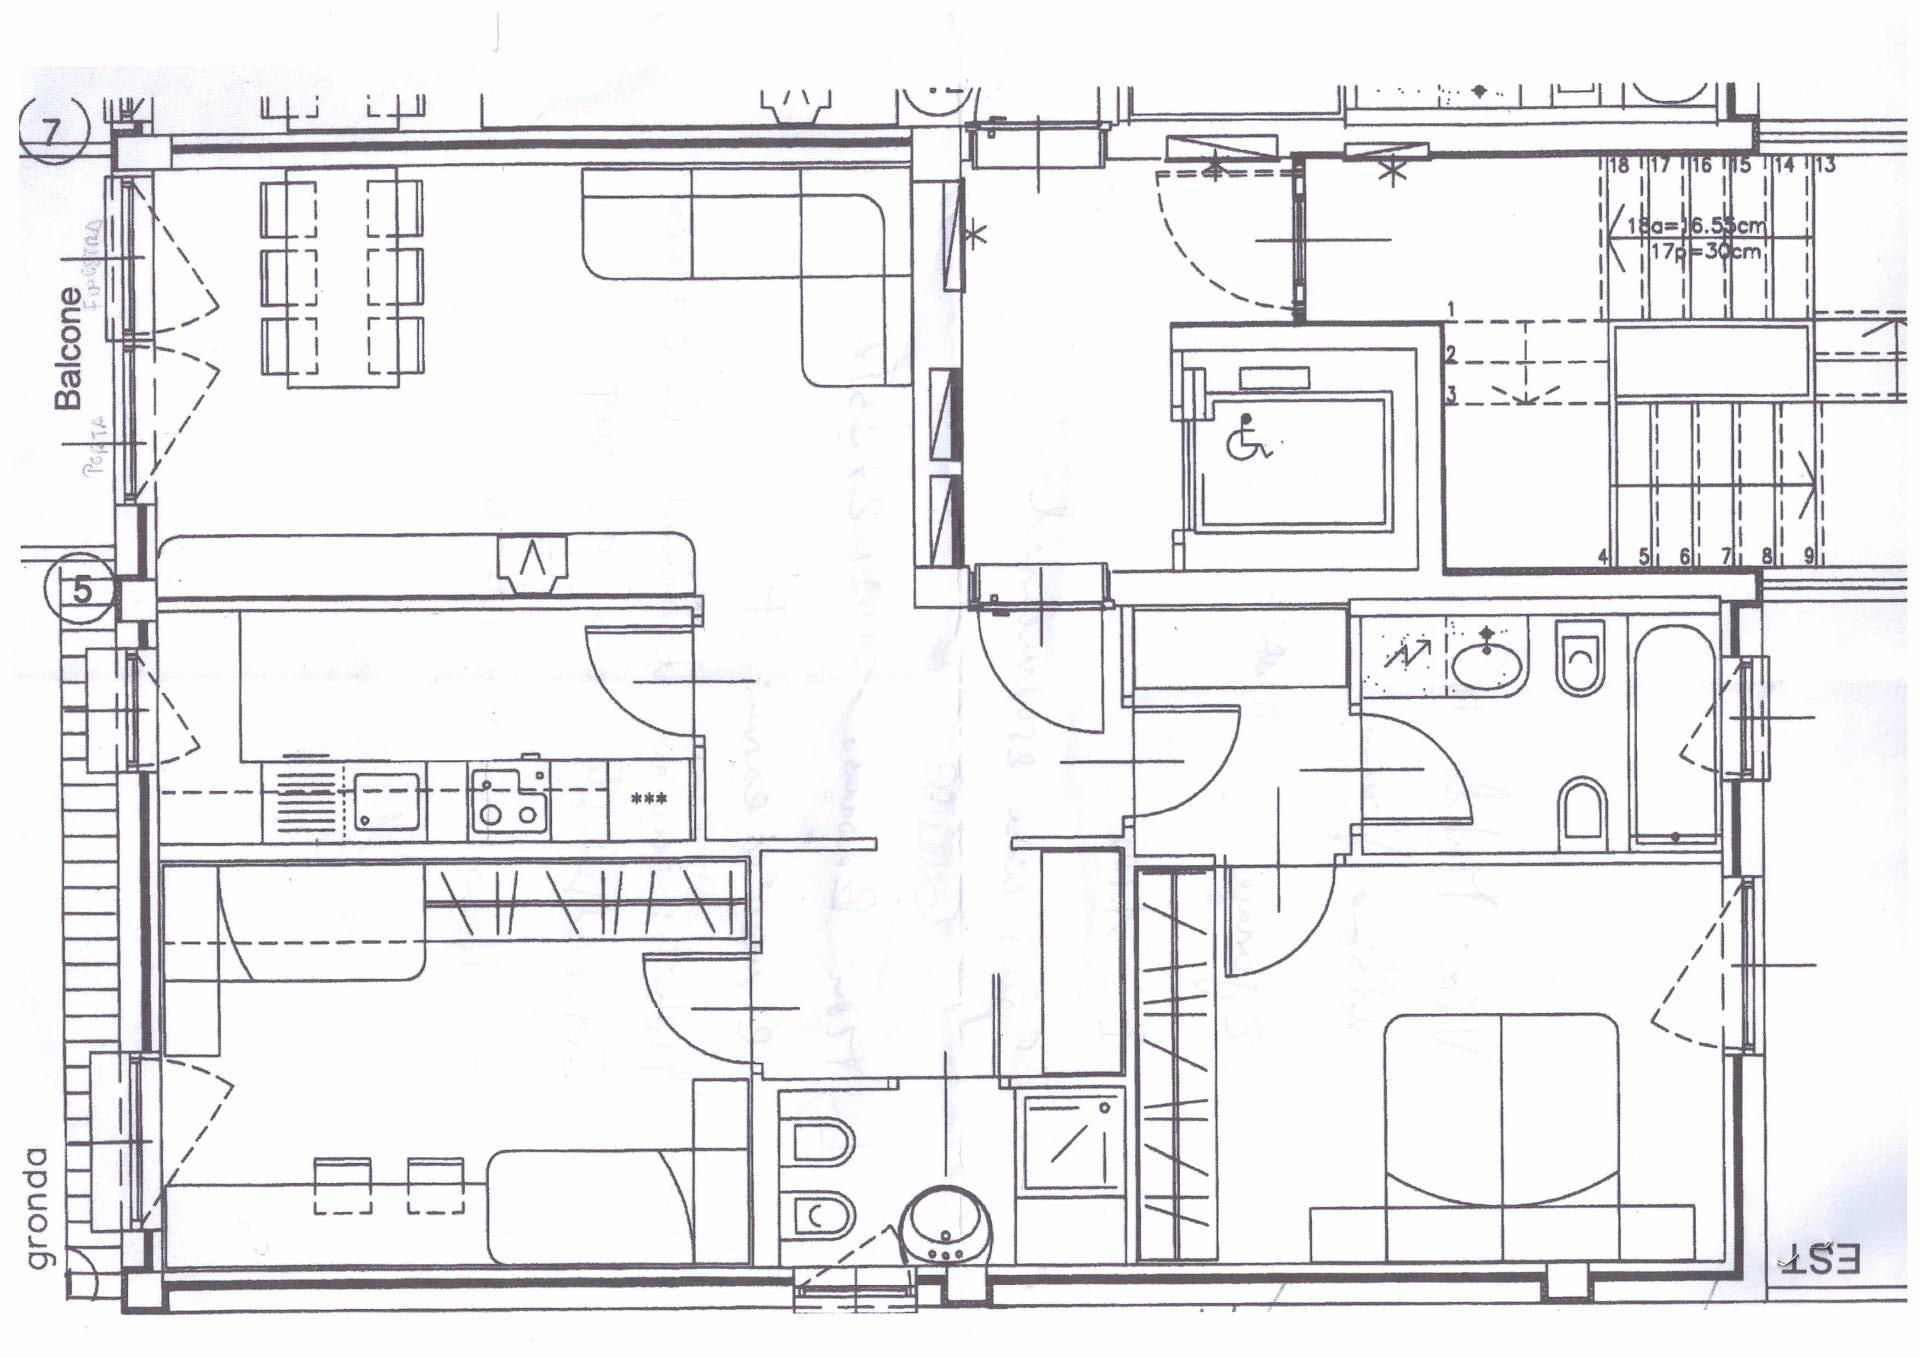 Appartamento in affitto a Bolzano, 4 locali, zona Zona: Residenziale, prezzo € 1.100 | CambioCasa.it